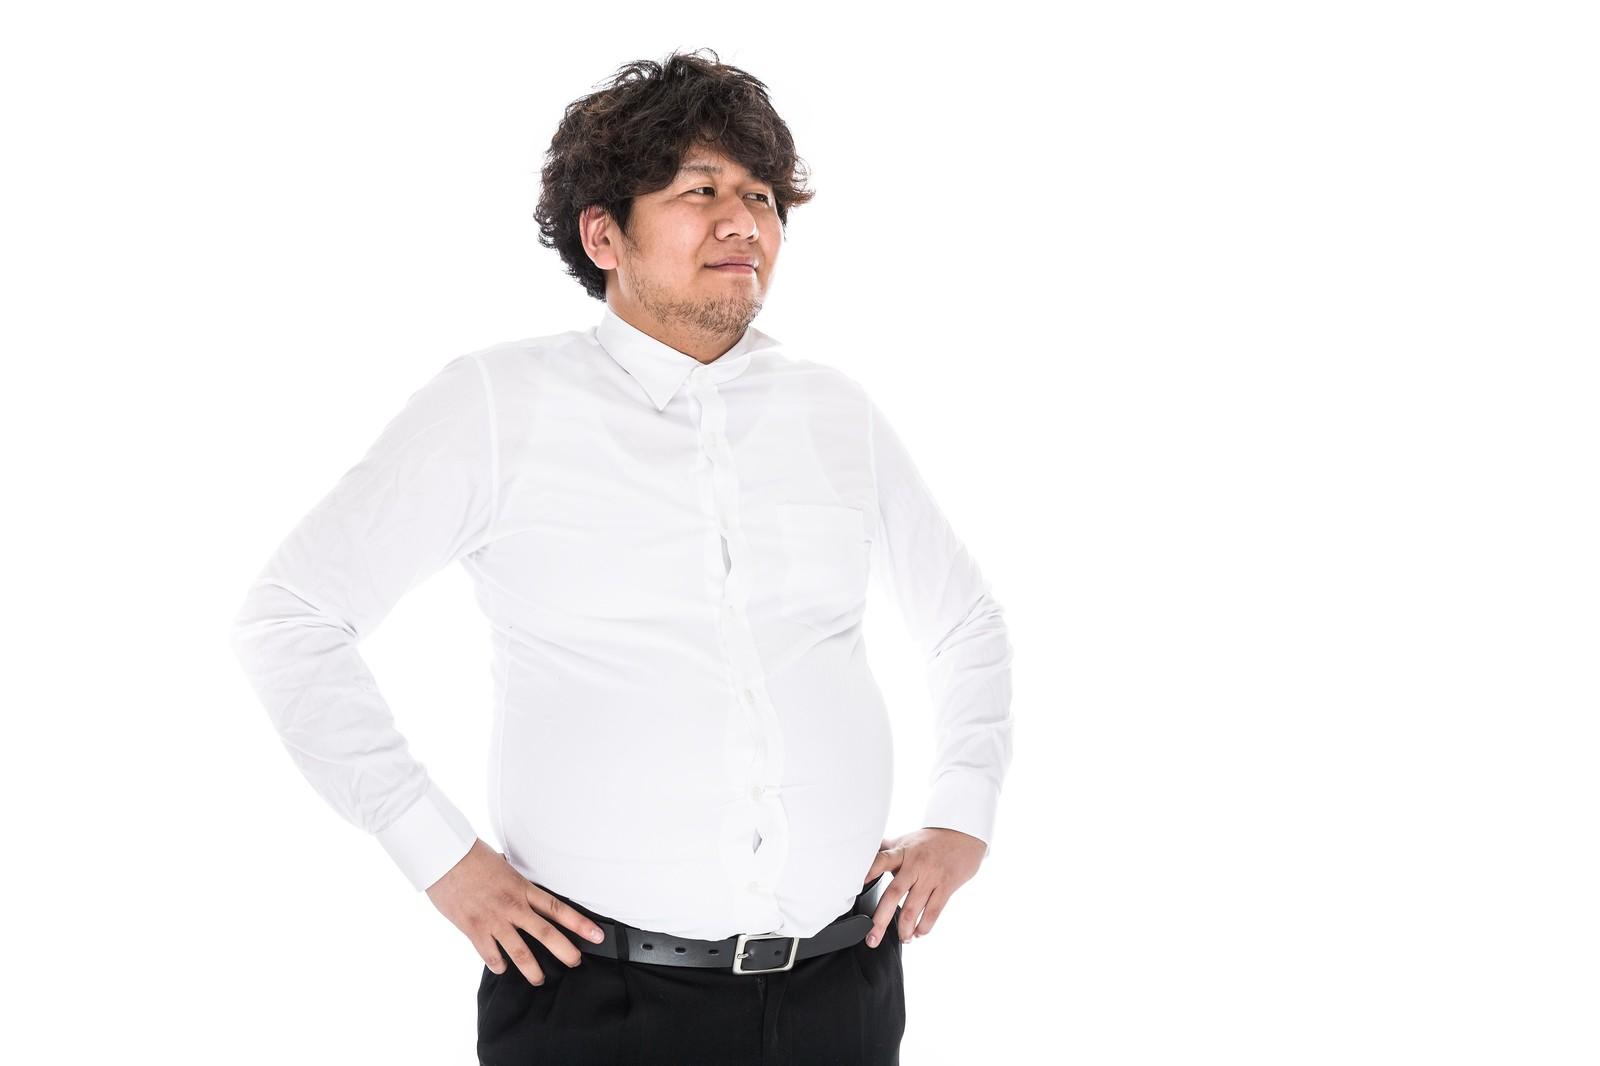 太った男性がPlezに挑戦しようか考えてる画像